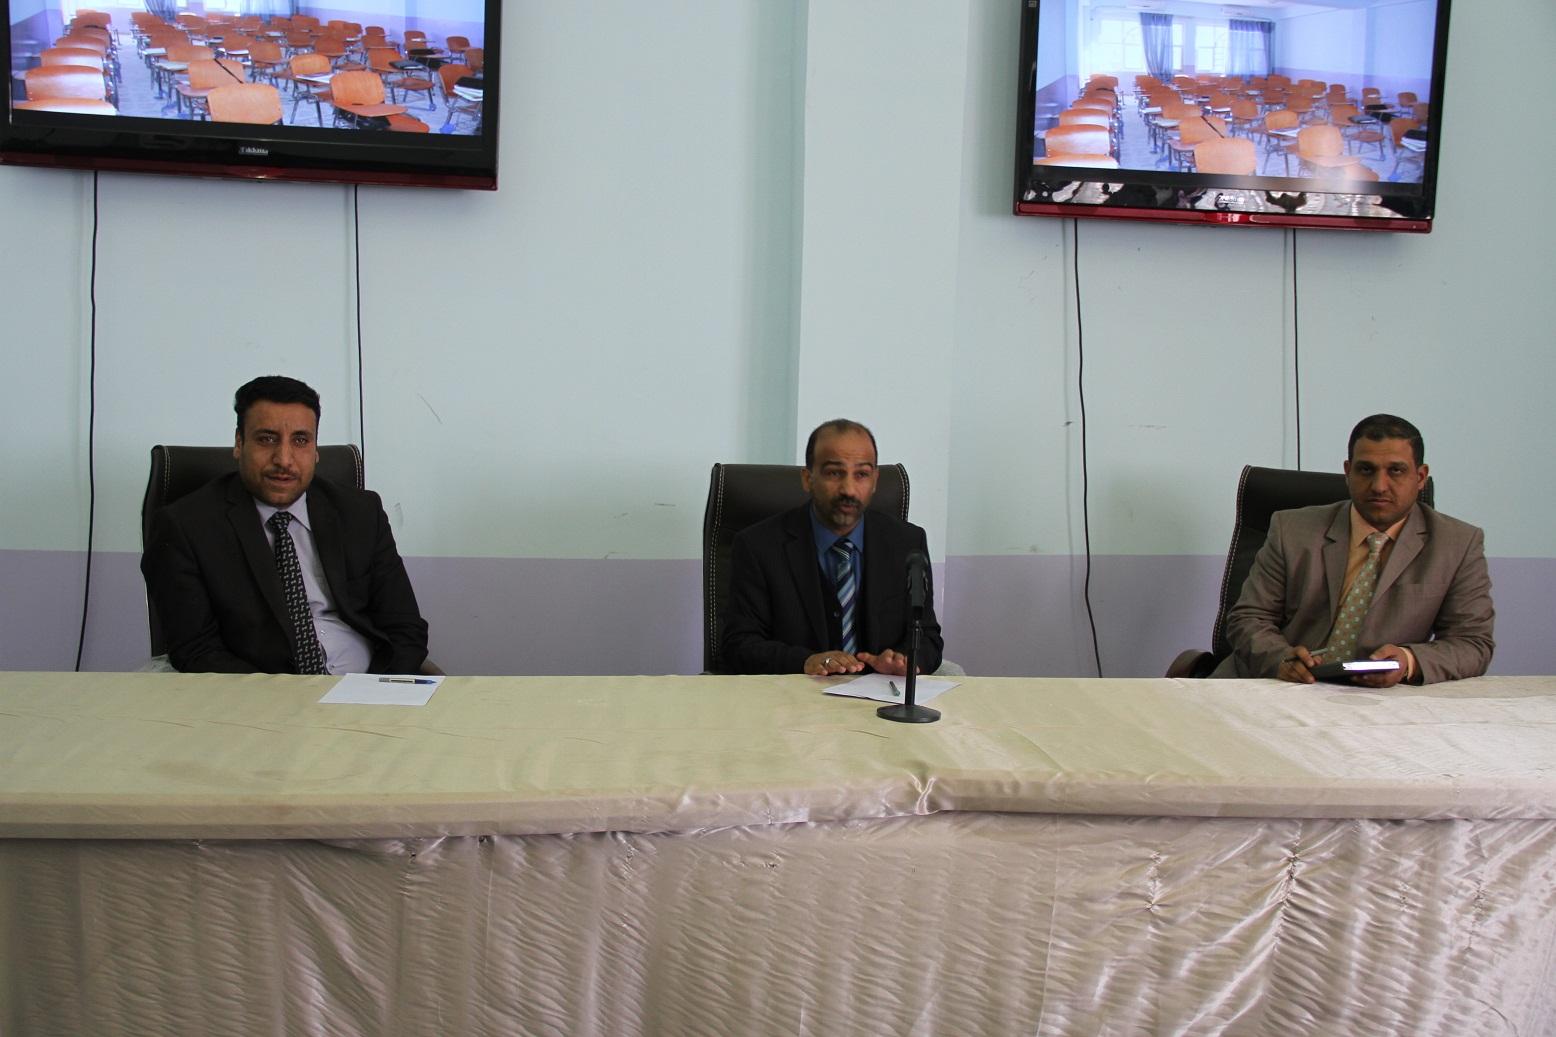 السيد عميد الكلية يلتقي باجتماعه مجموعة من الطلبة